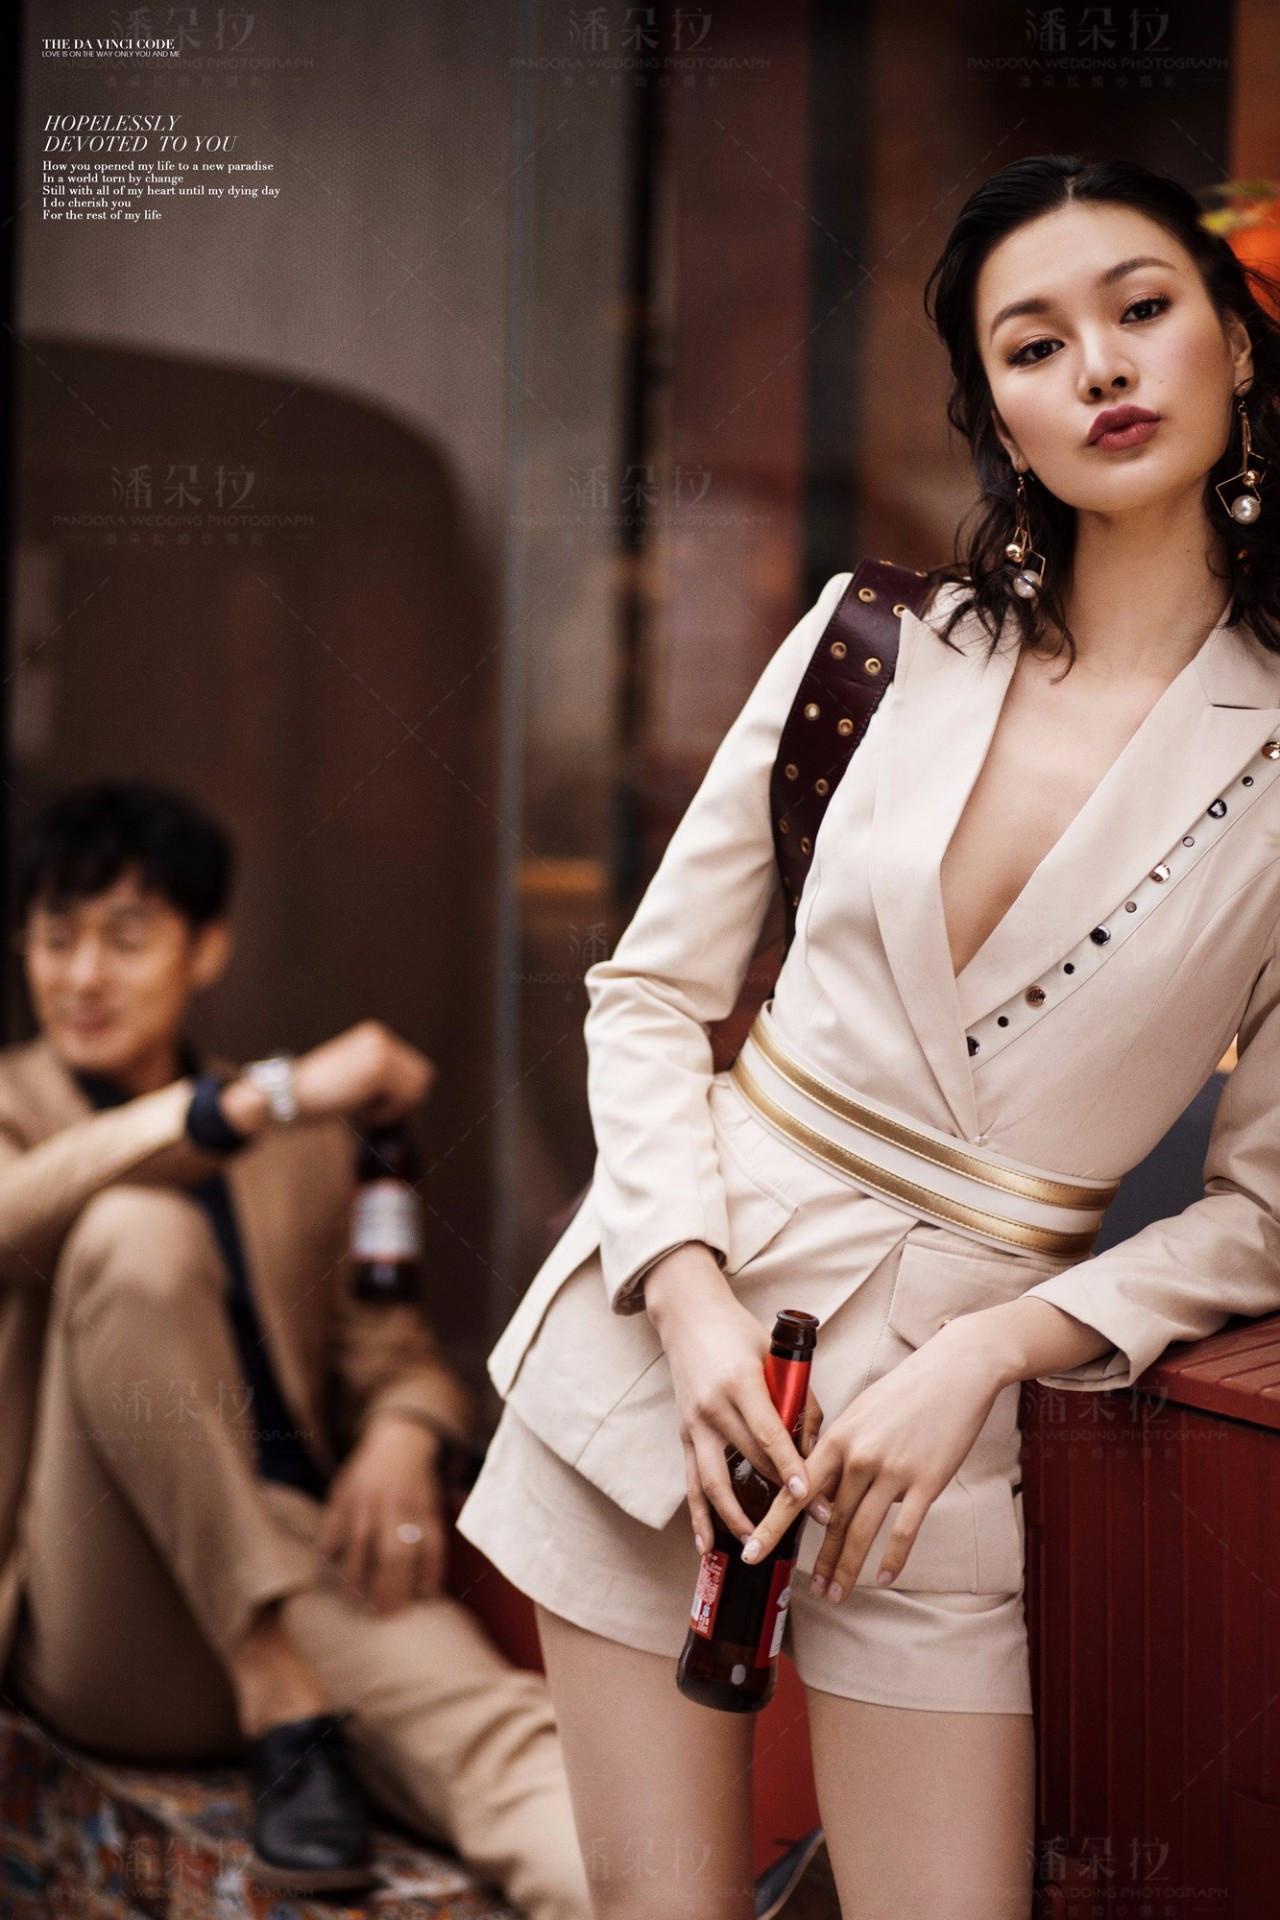 北京婚纱摄影:我是酷女孩,帅气新娘怎么拍婚照?